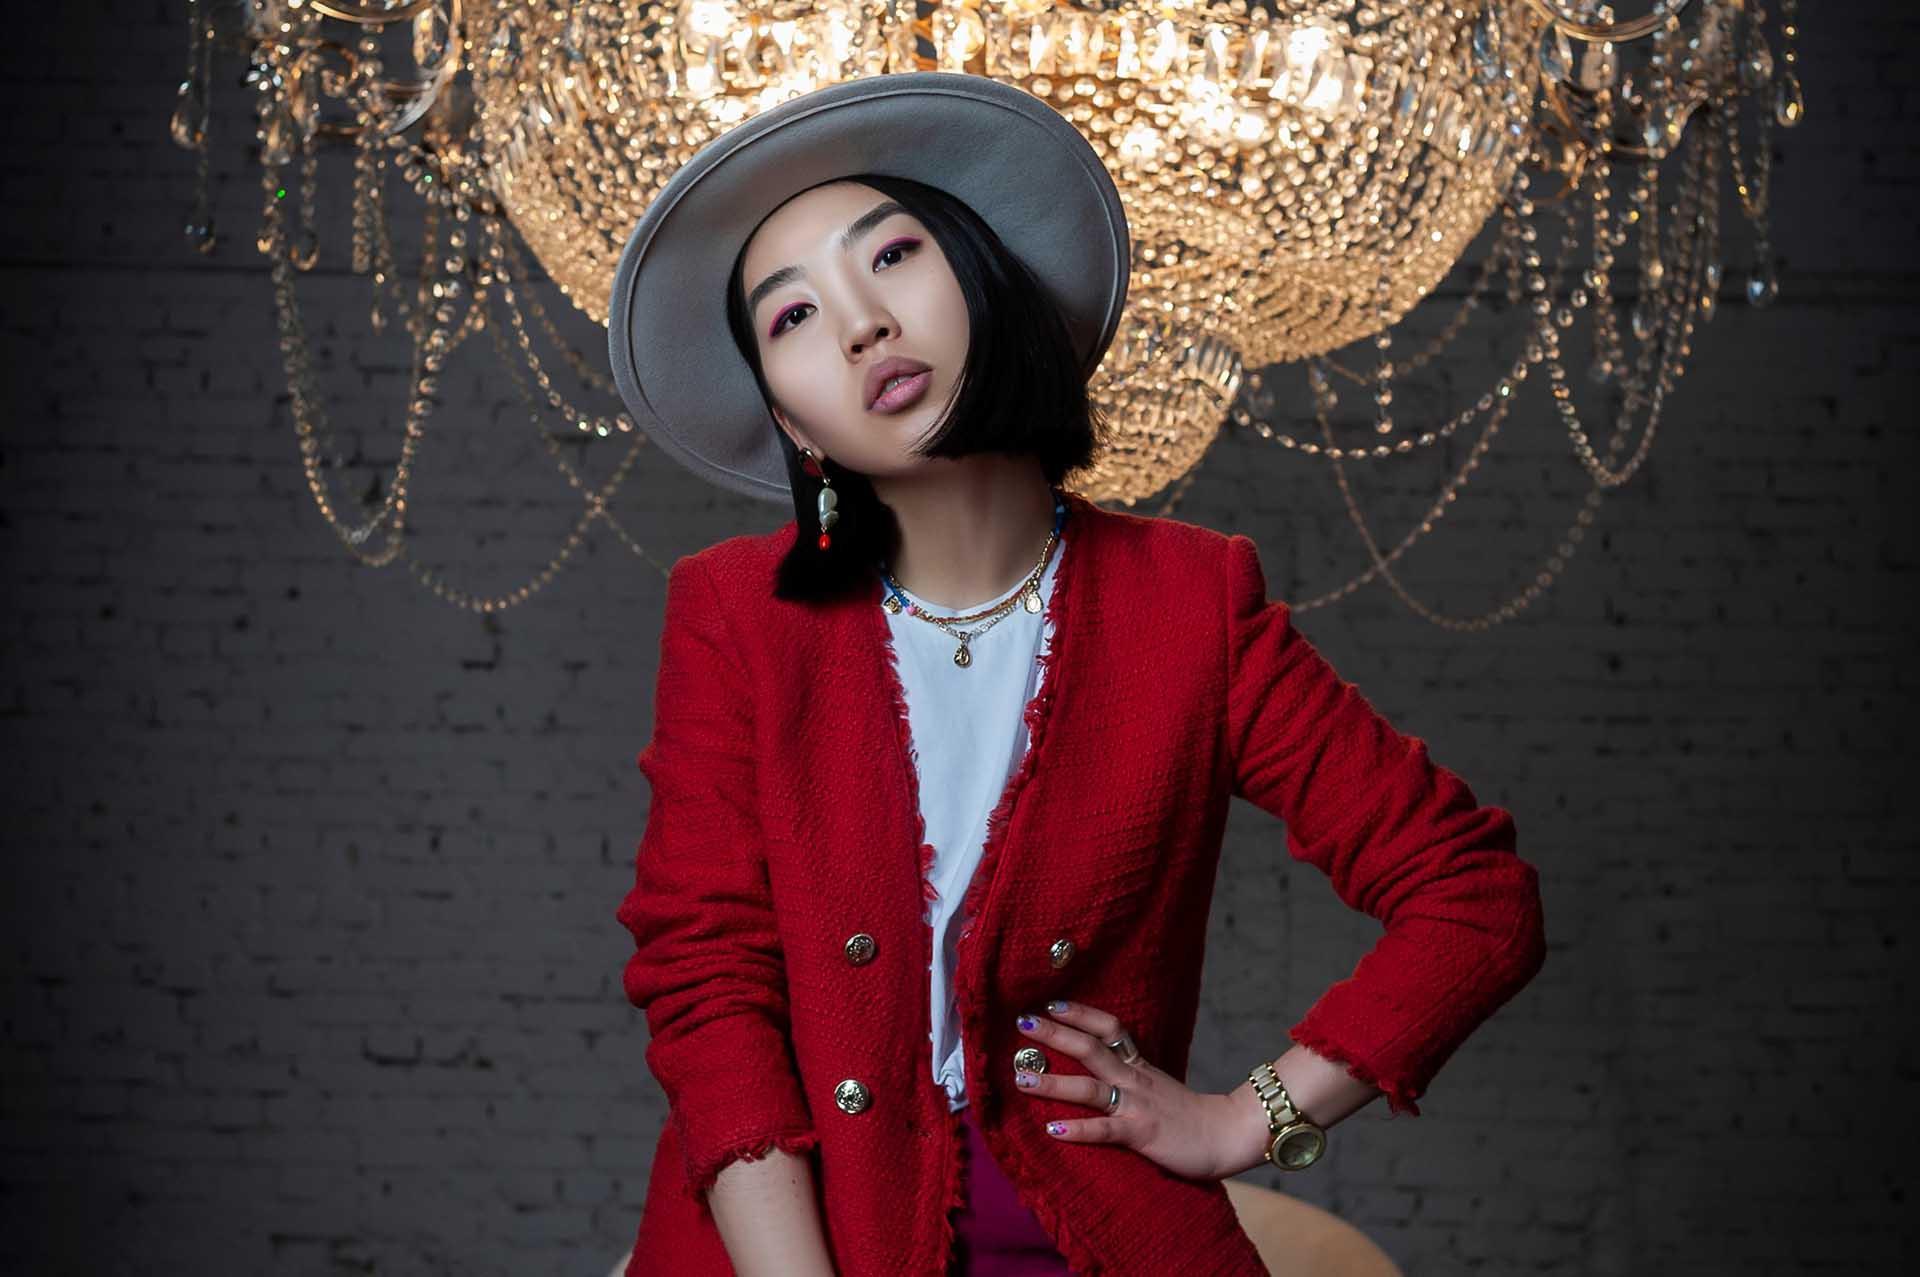 Виктория Ким - 7 лет работы стилистом-имиджмейкером